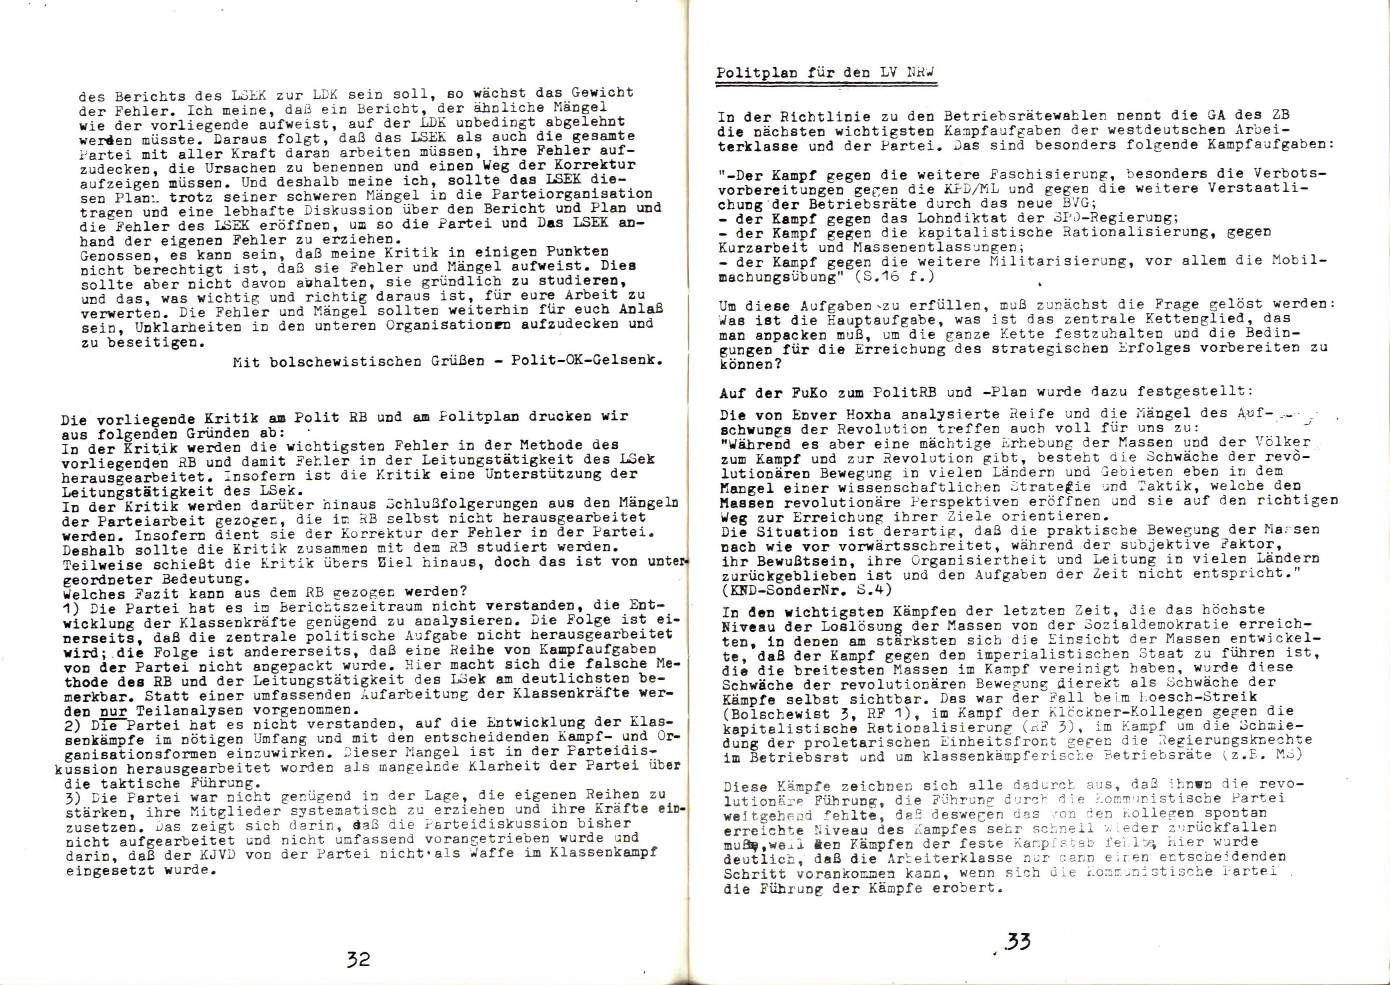 NRW_KPDML_Der_Bolschewist_1972_04_18